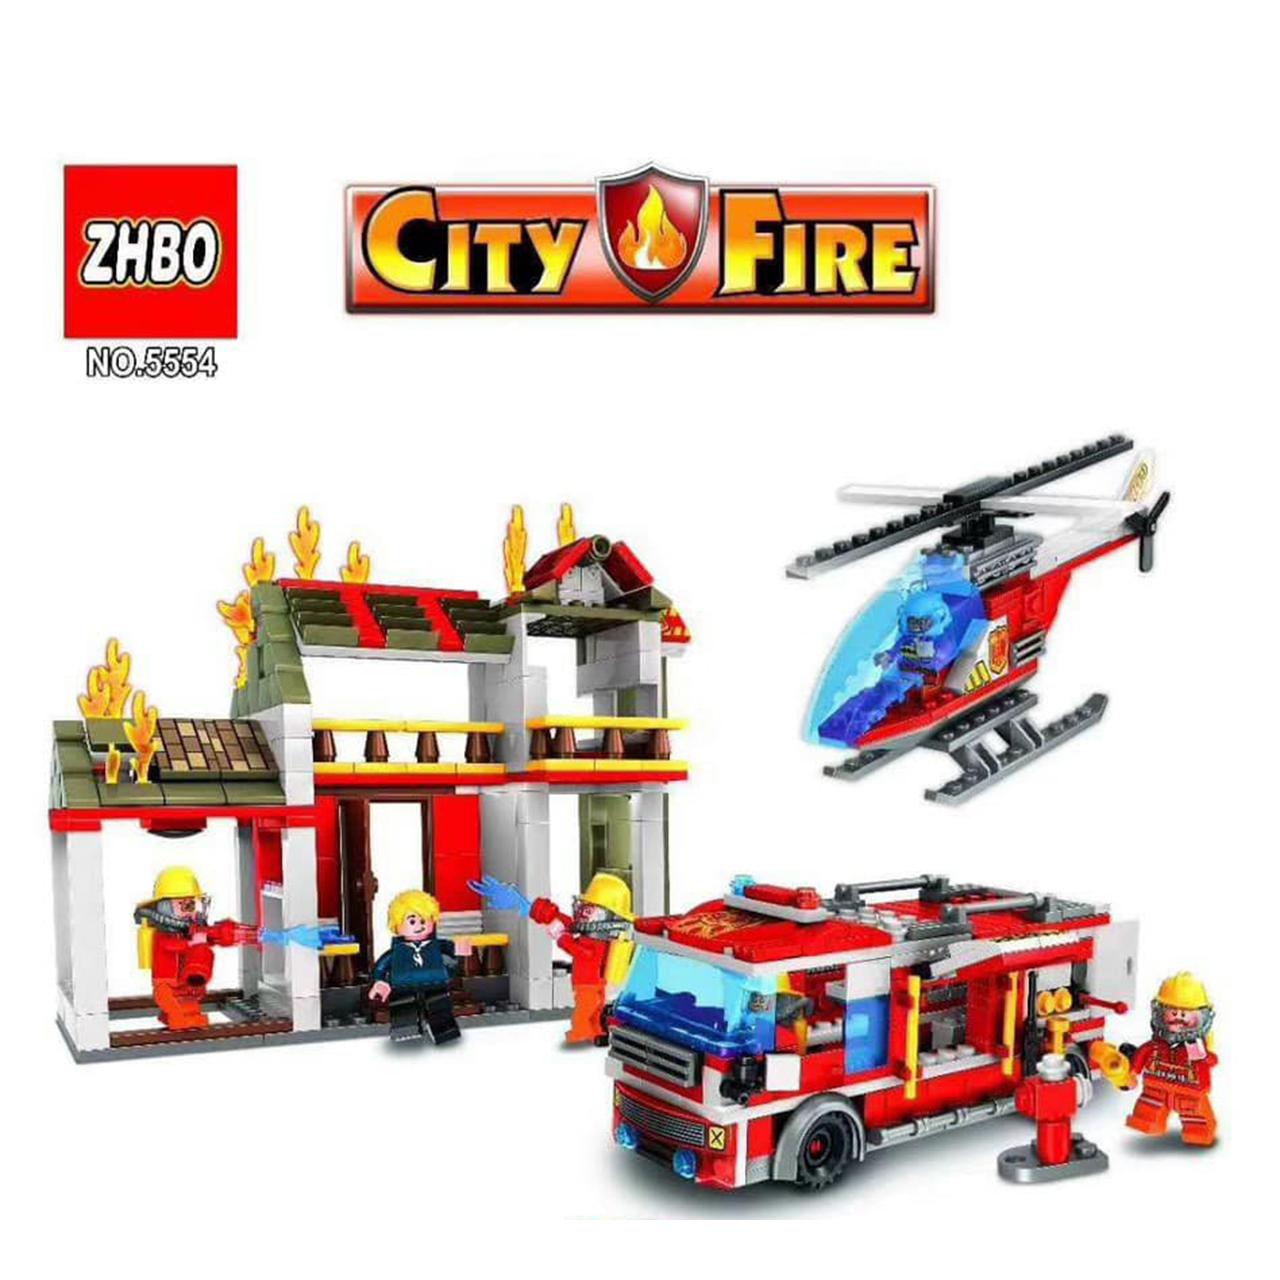 Lắp ráp Lego Fire Trạm Cứu Hỏa - ZHBO 5554